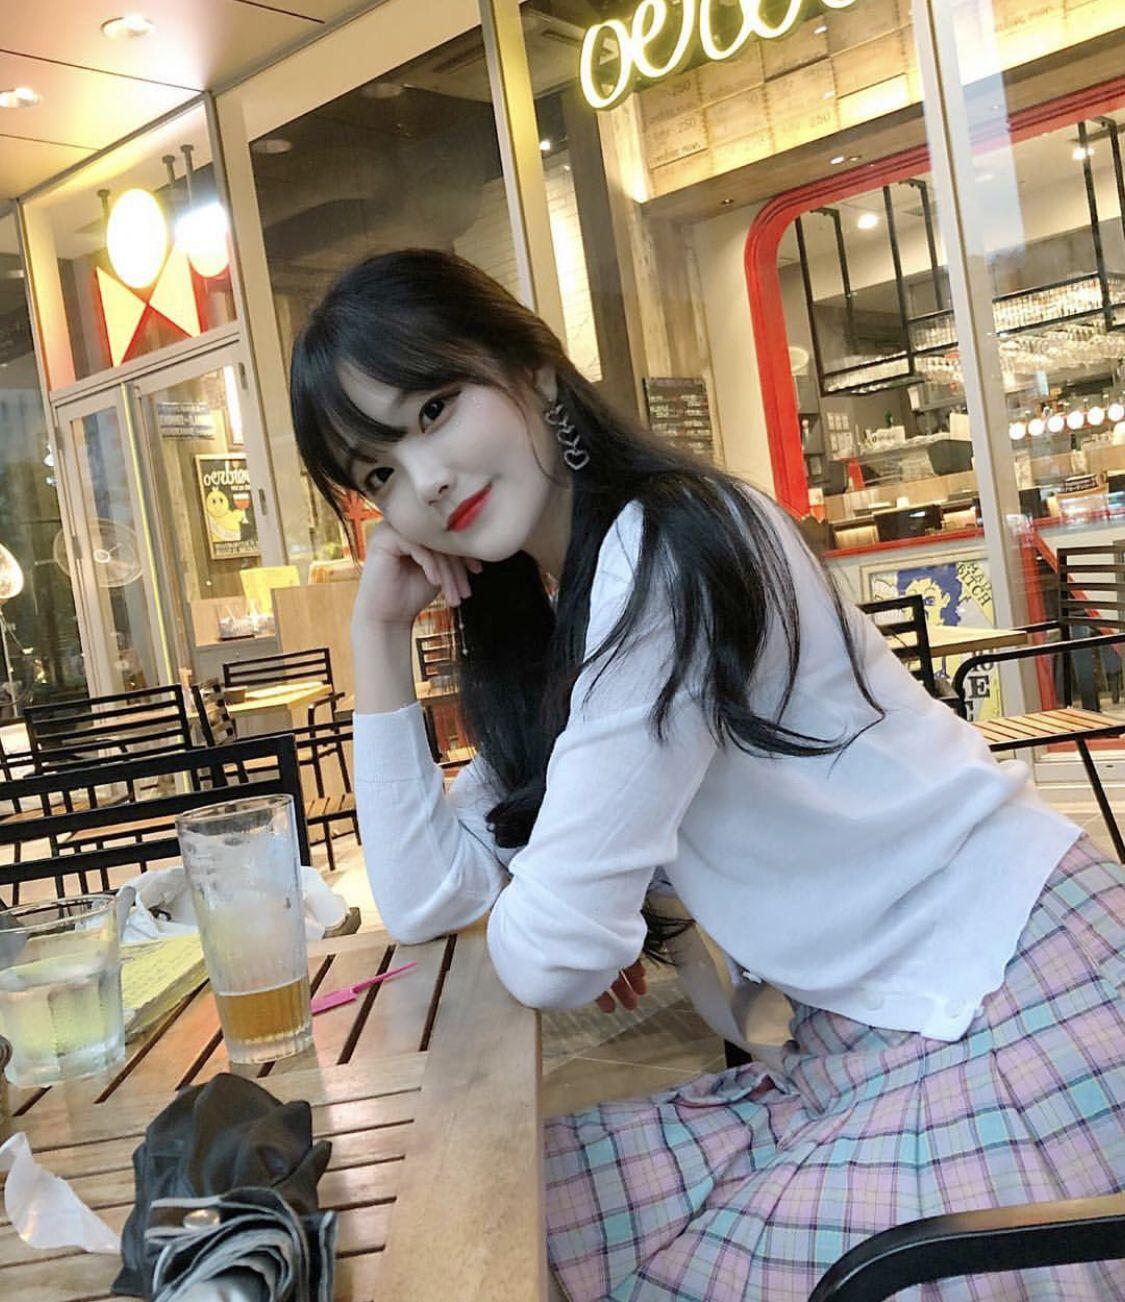 ปักพินโดย Lolly Taeminkook ใน nice korean pics^ ผู้หญิง